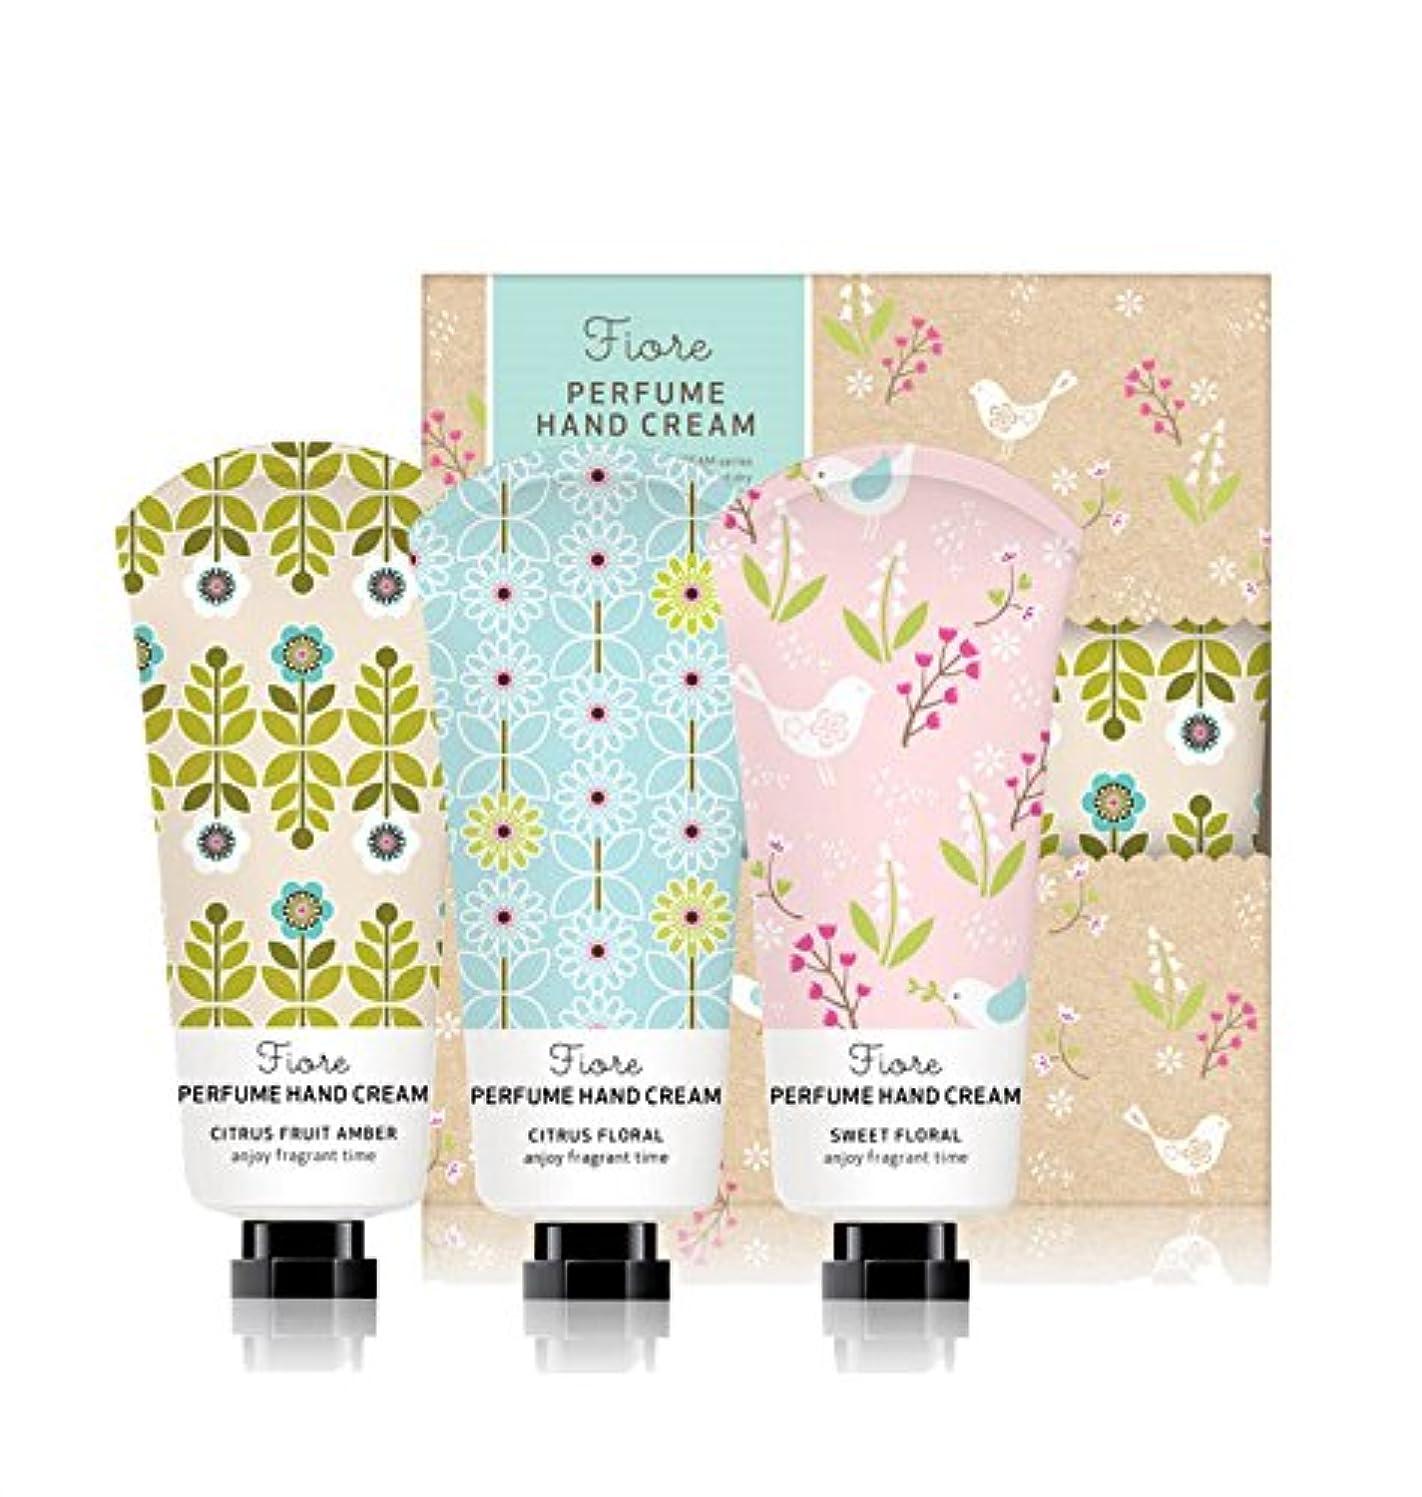 刈るベルベット取るに足らない[Fiore★ギフト用紙袋贈呈] パフュームハンドクリーム?スペシャルセット 60g x 3個セット / Perfume Hand Cream Specail Set